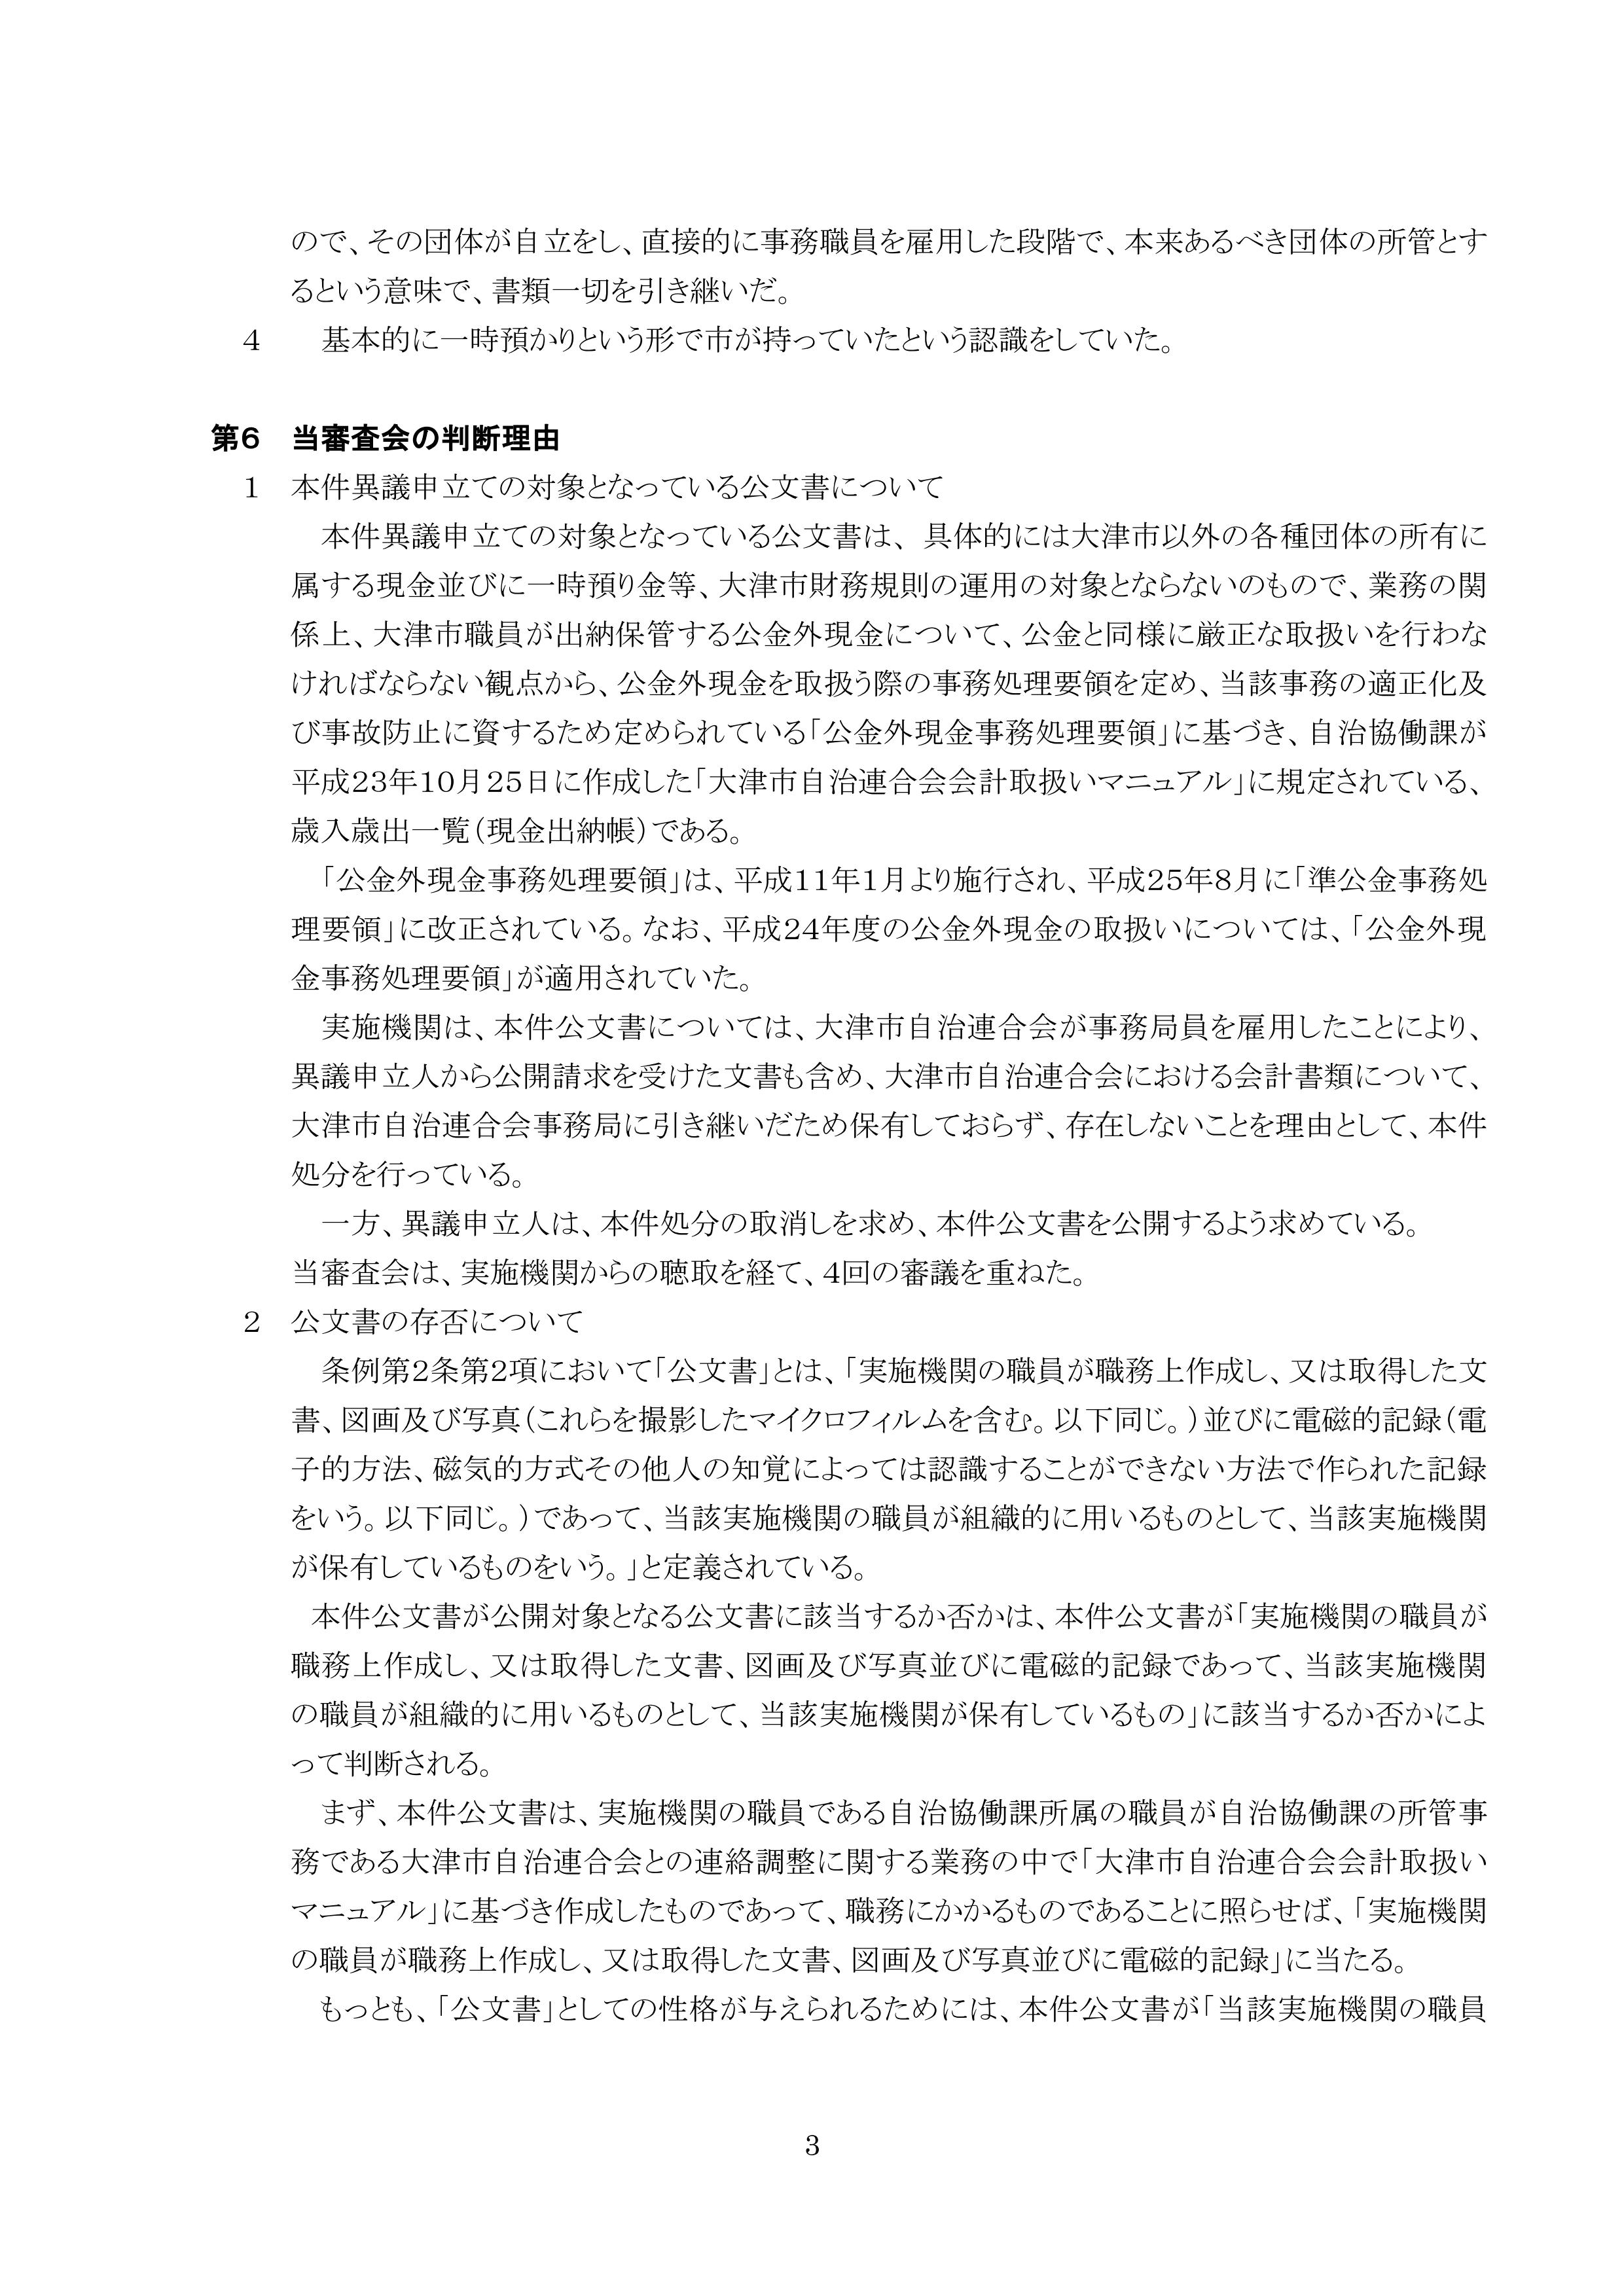 大津市の答申27_05